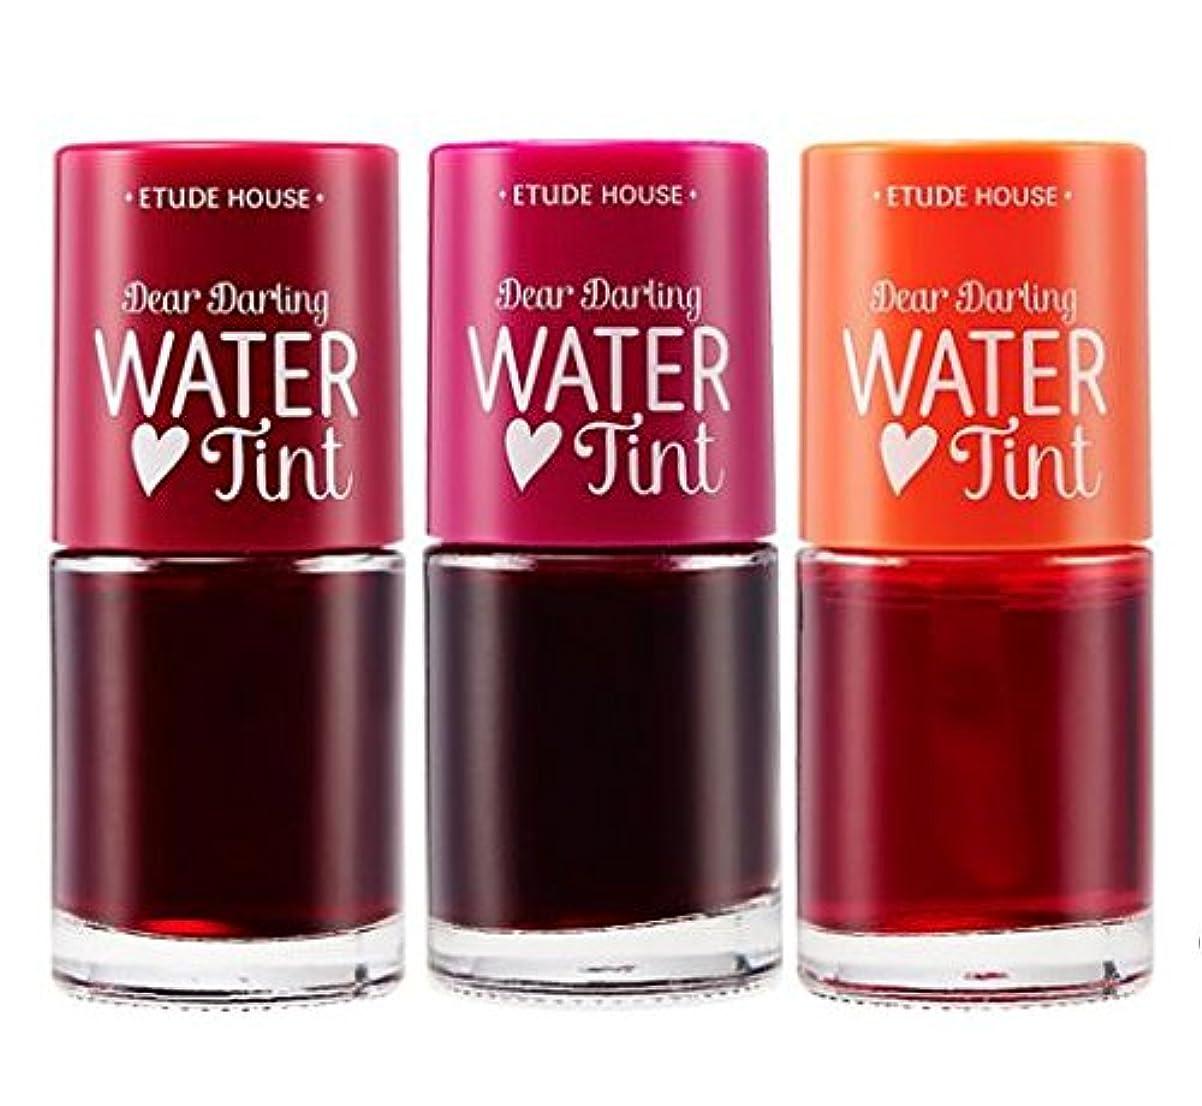 同僚健全接辞[エチュードハウス] ETUDE HOUSE dear darling water tint ディア ダーリン ウォーター ティント3個セット [並行輸入品]